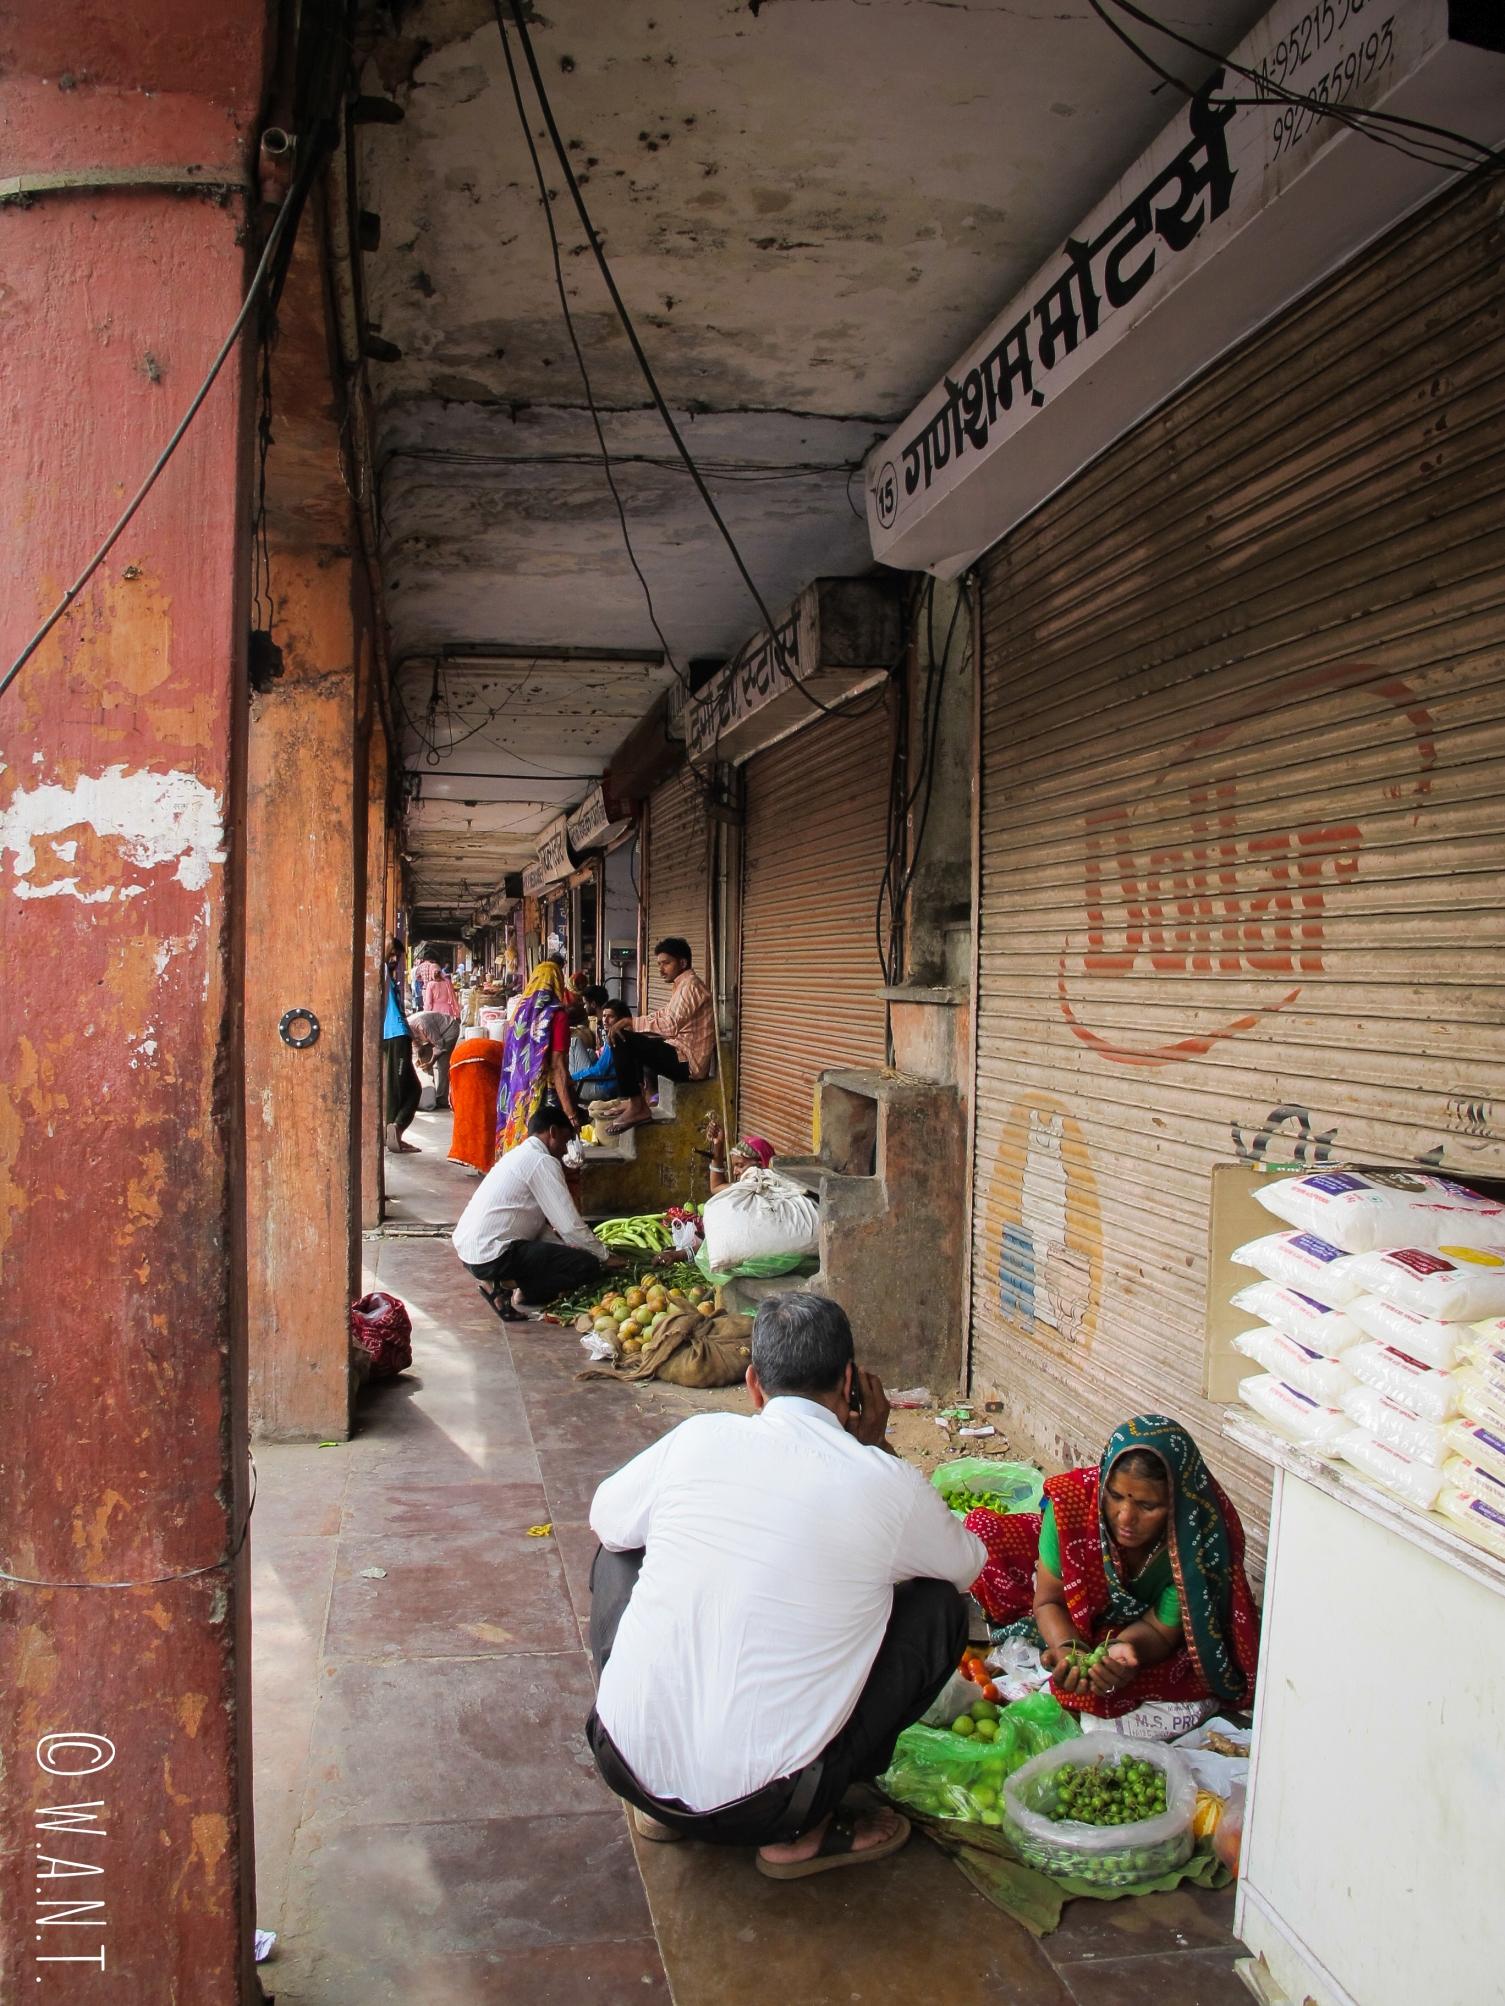 Sur Tripolia Bazar, les femmes installent leurs étals de fruits et légumes à même le sol